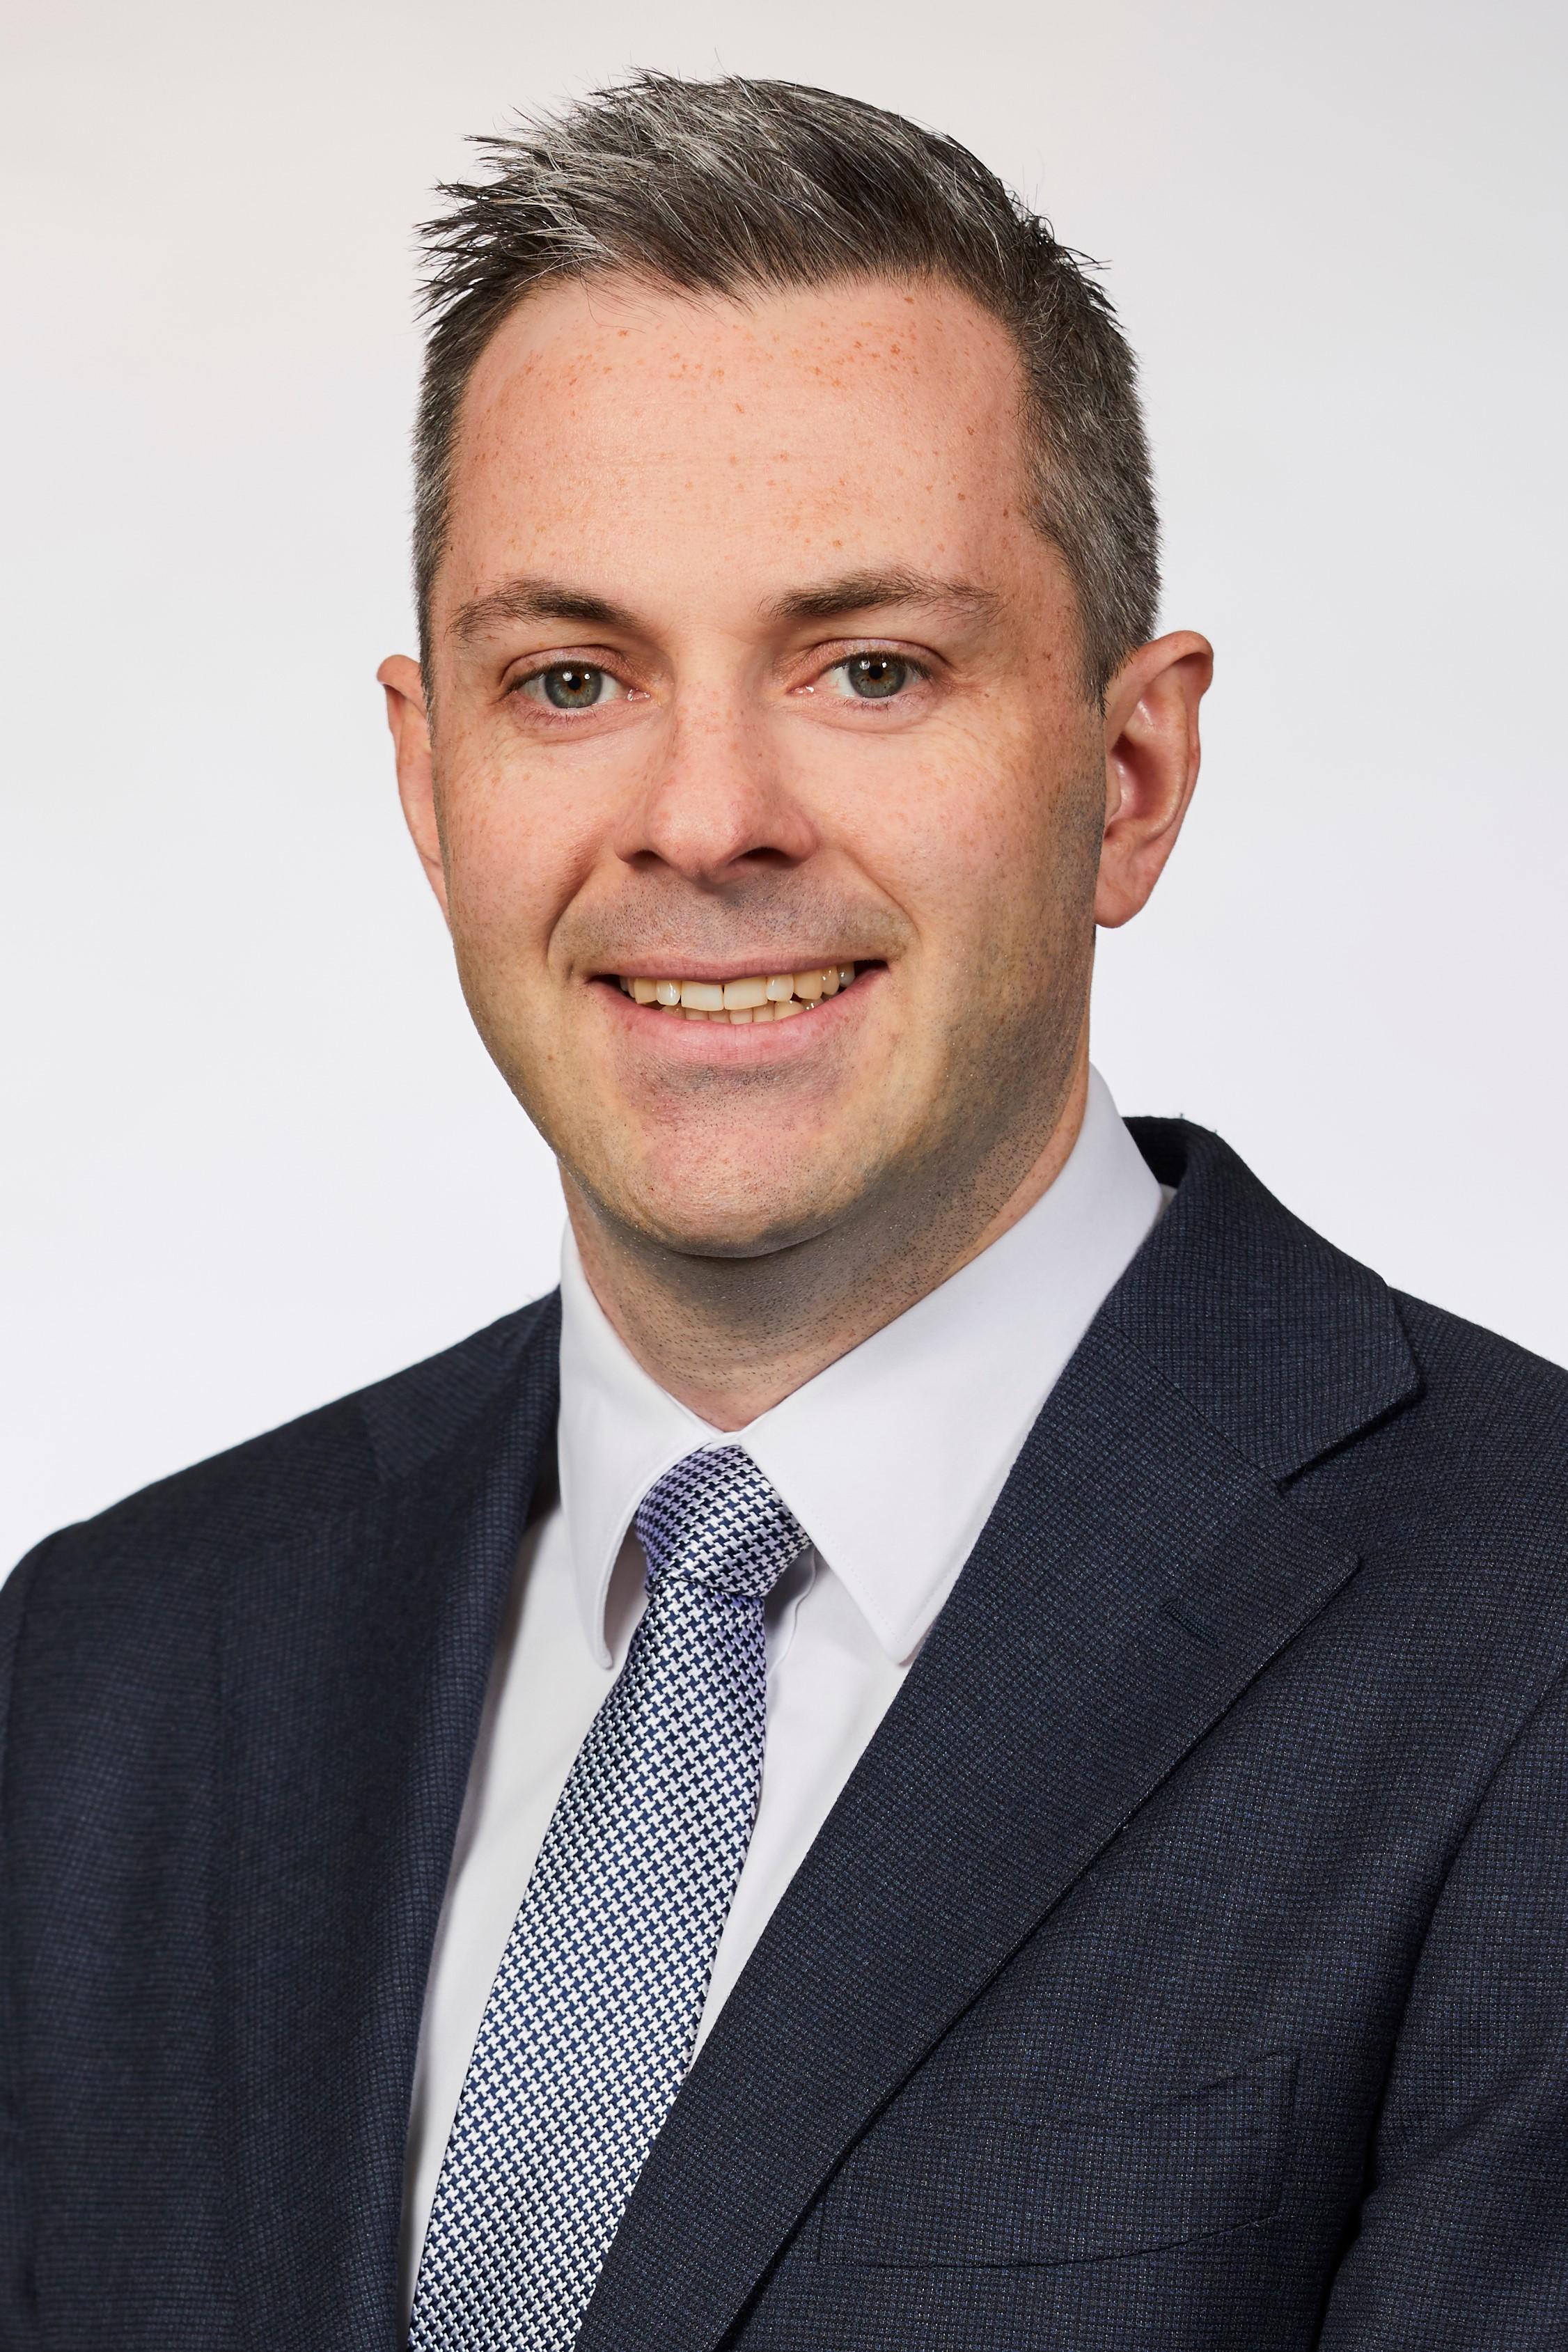 Andrew Morrison, B.Sc / LL.B (Hons)